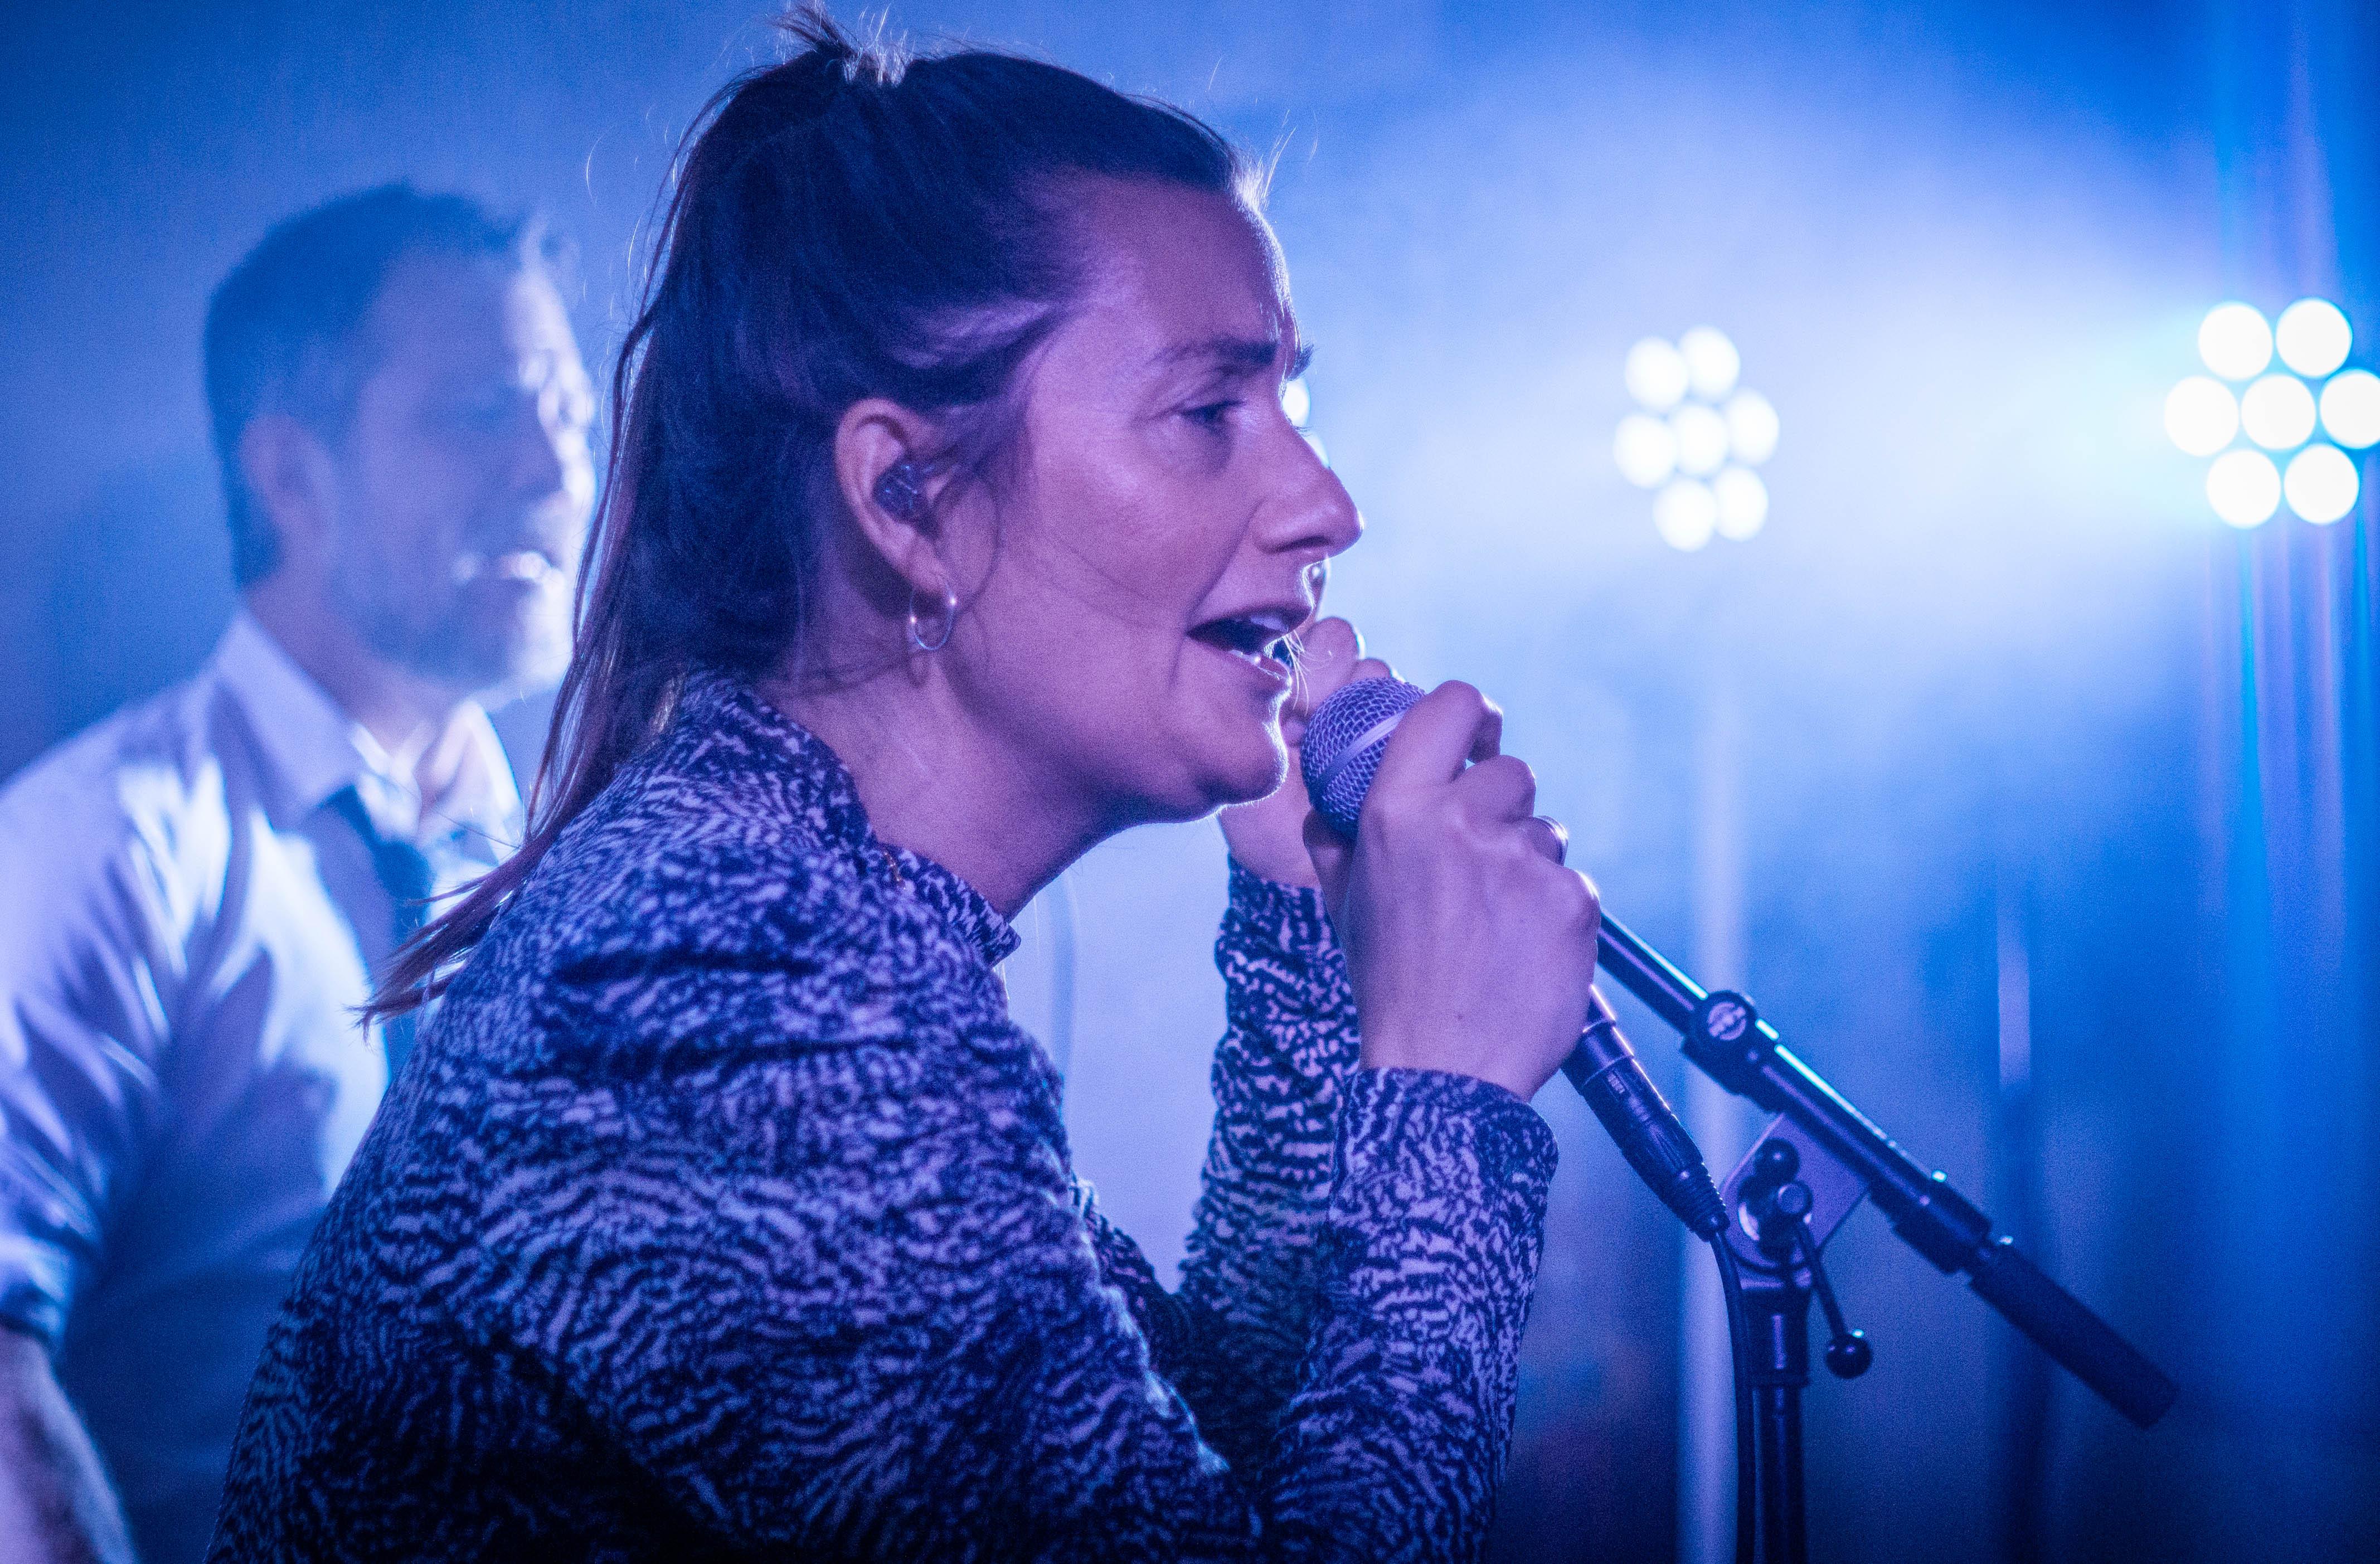 Sangerinde Thora